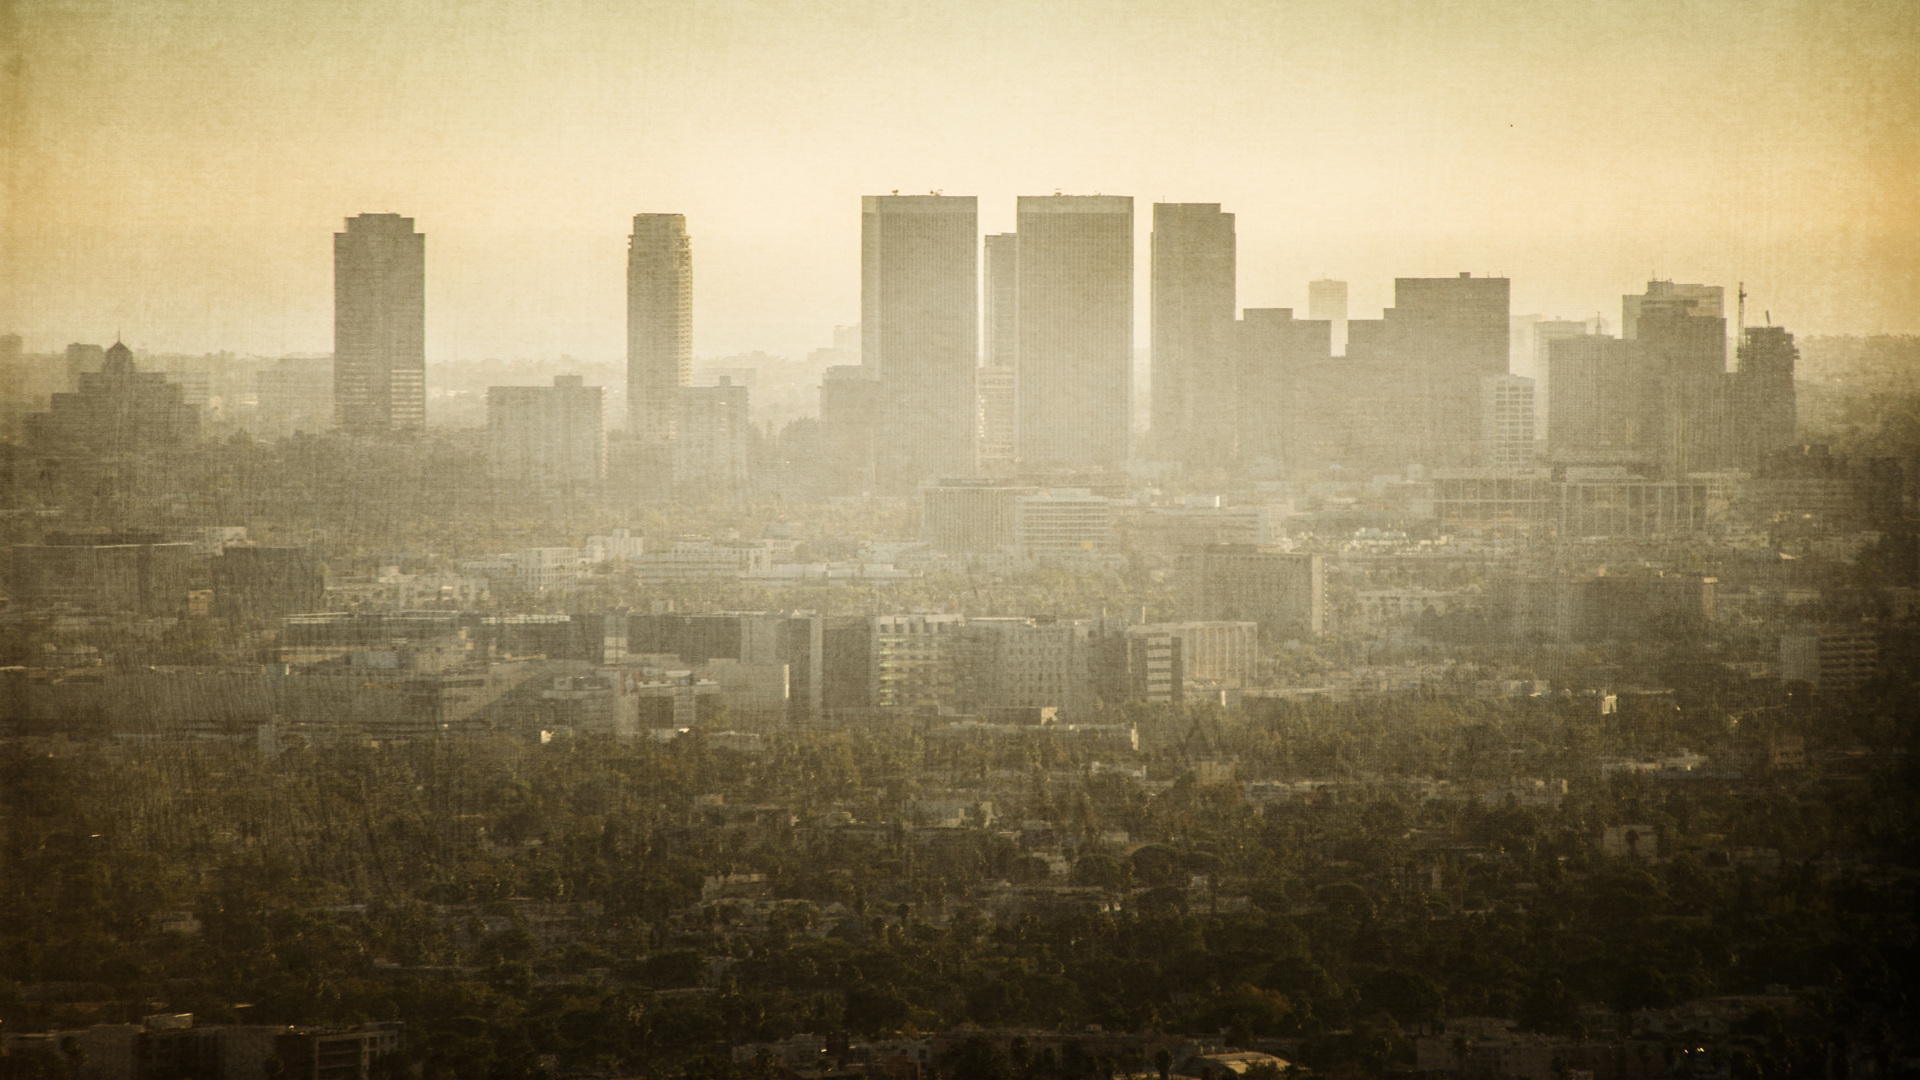 """El """"Día de la sobrecapacidad de la Tierra"""" marca la fecha en la que la demanda de recursos naturales excede lo que el planeta puede regenerar en ese año (iStock)"""